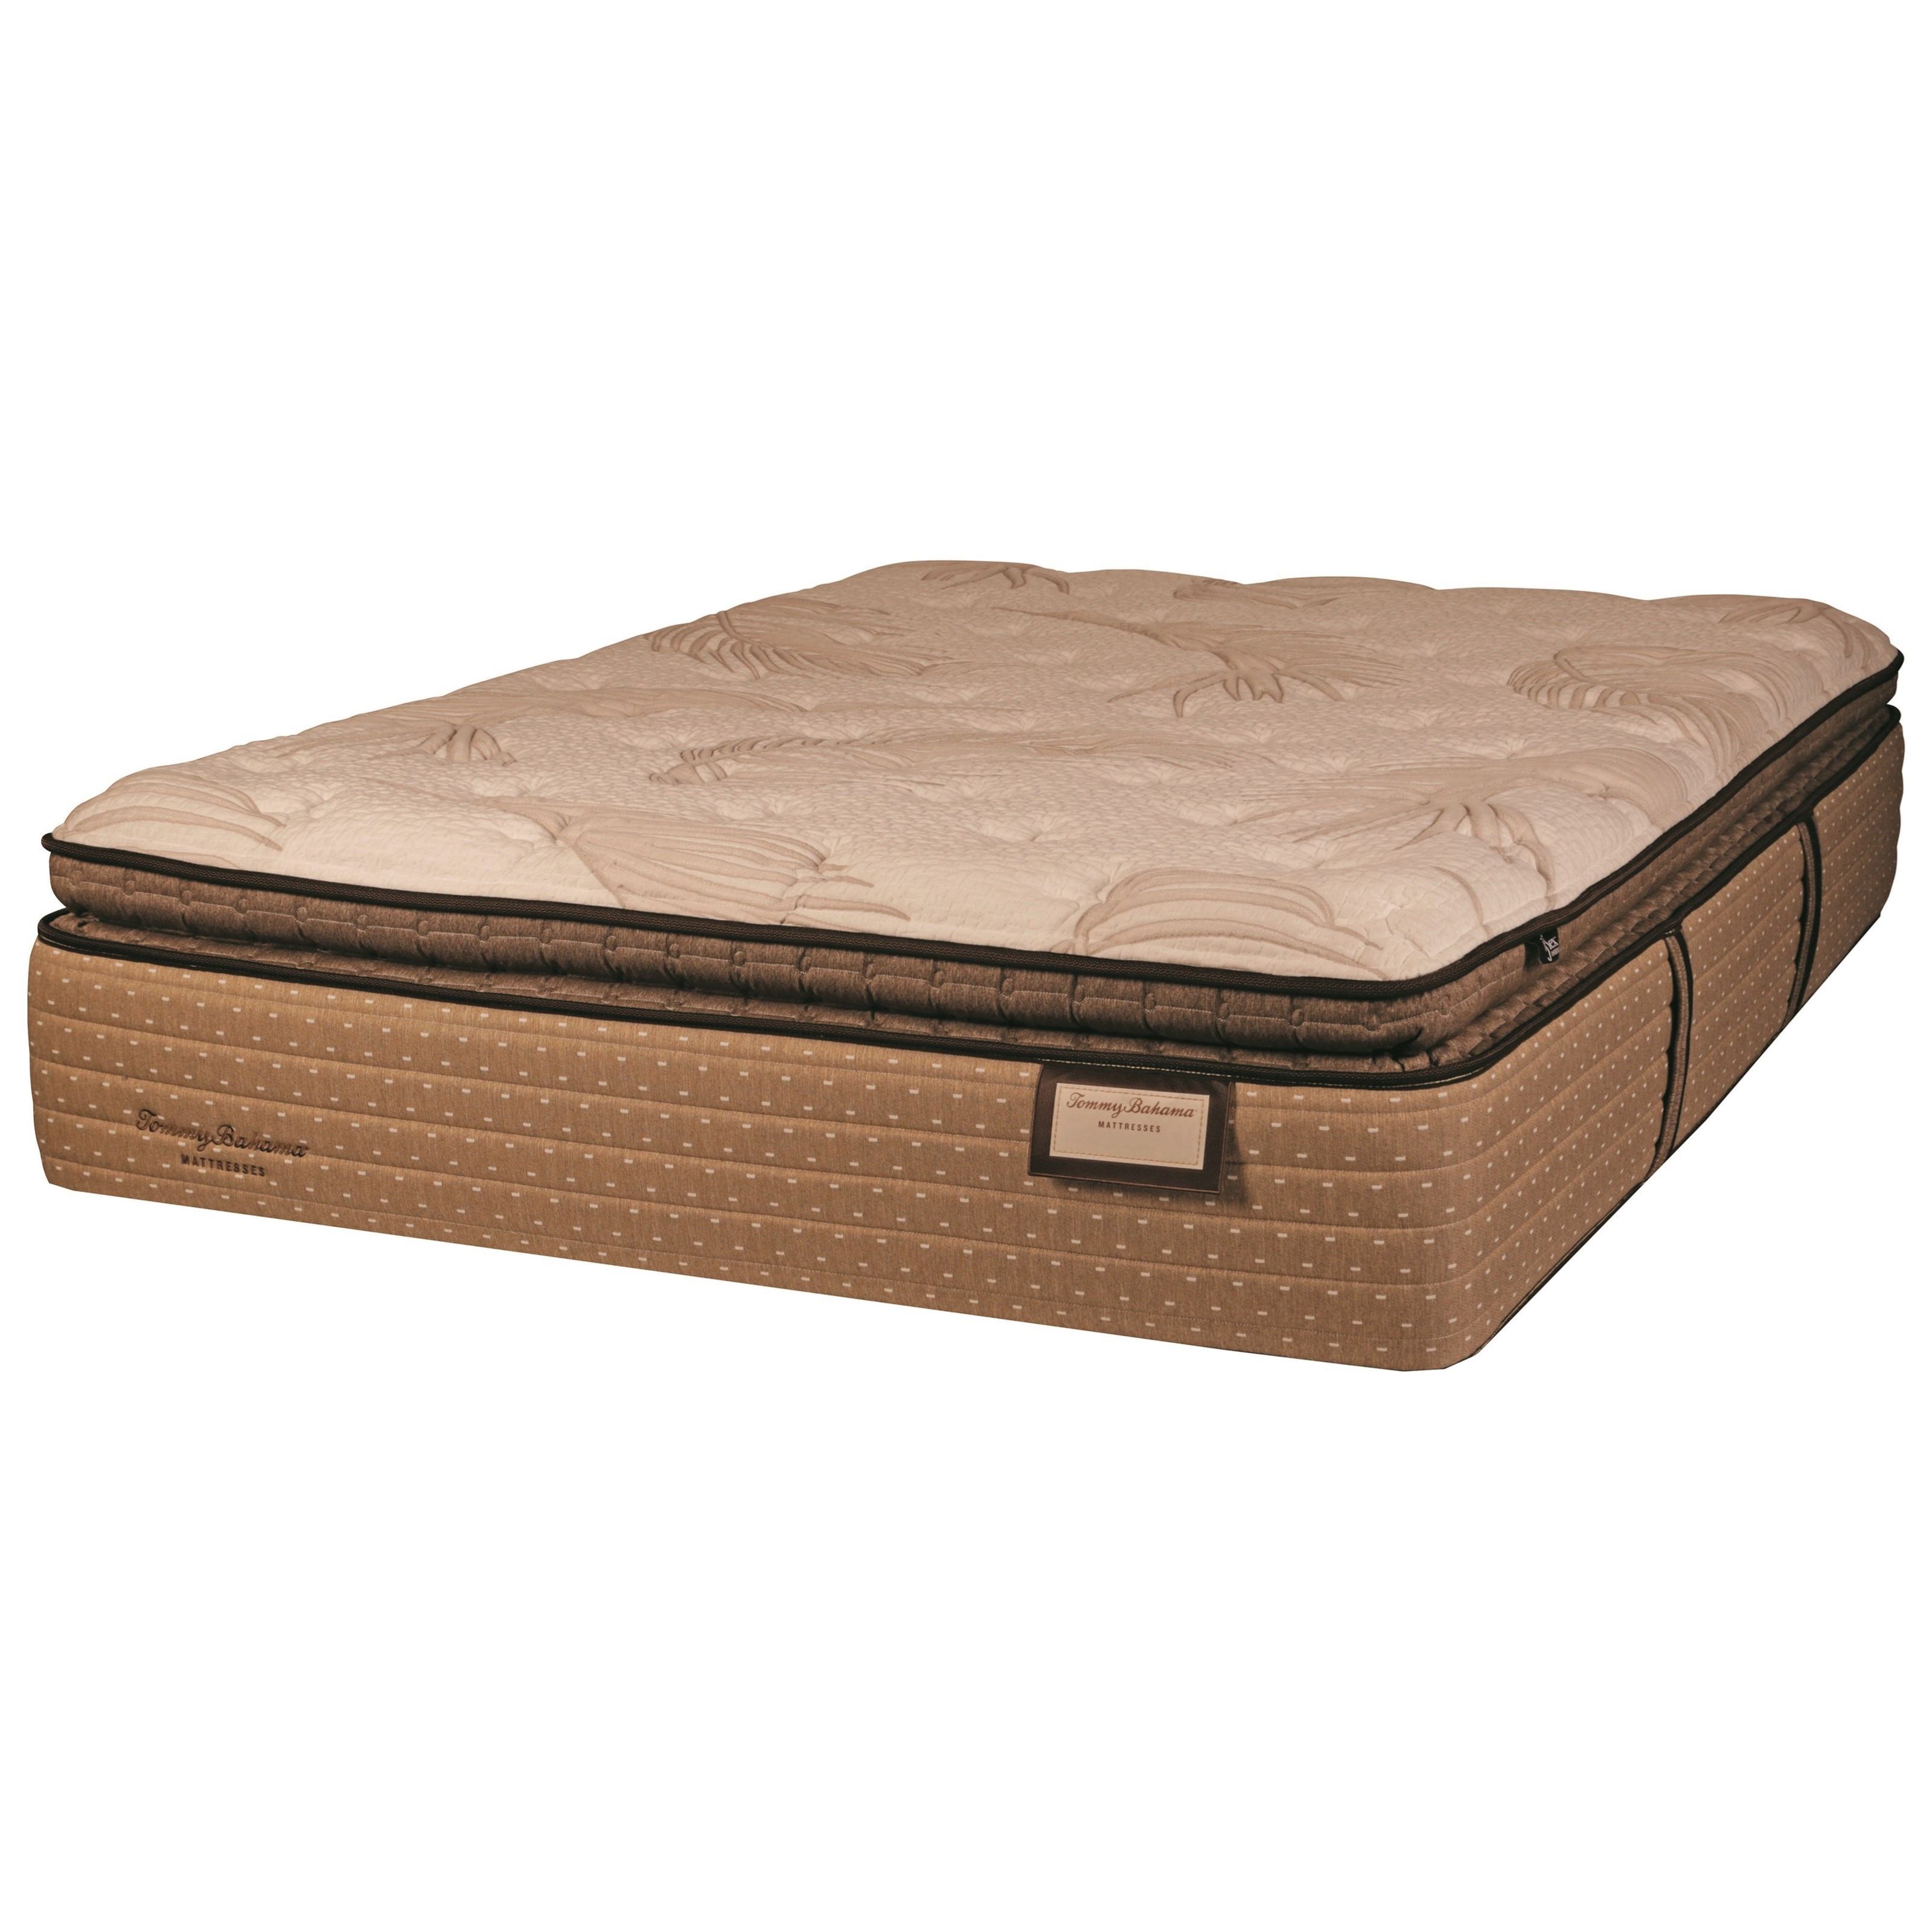 Full Pillow Top Luxury Mattress